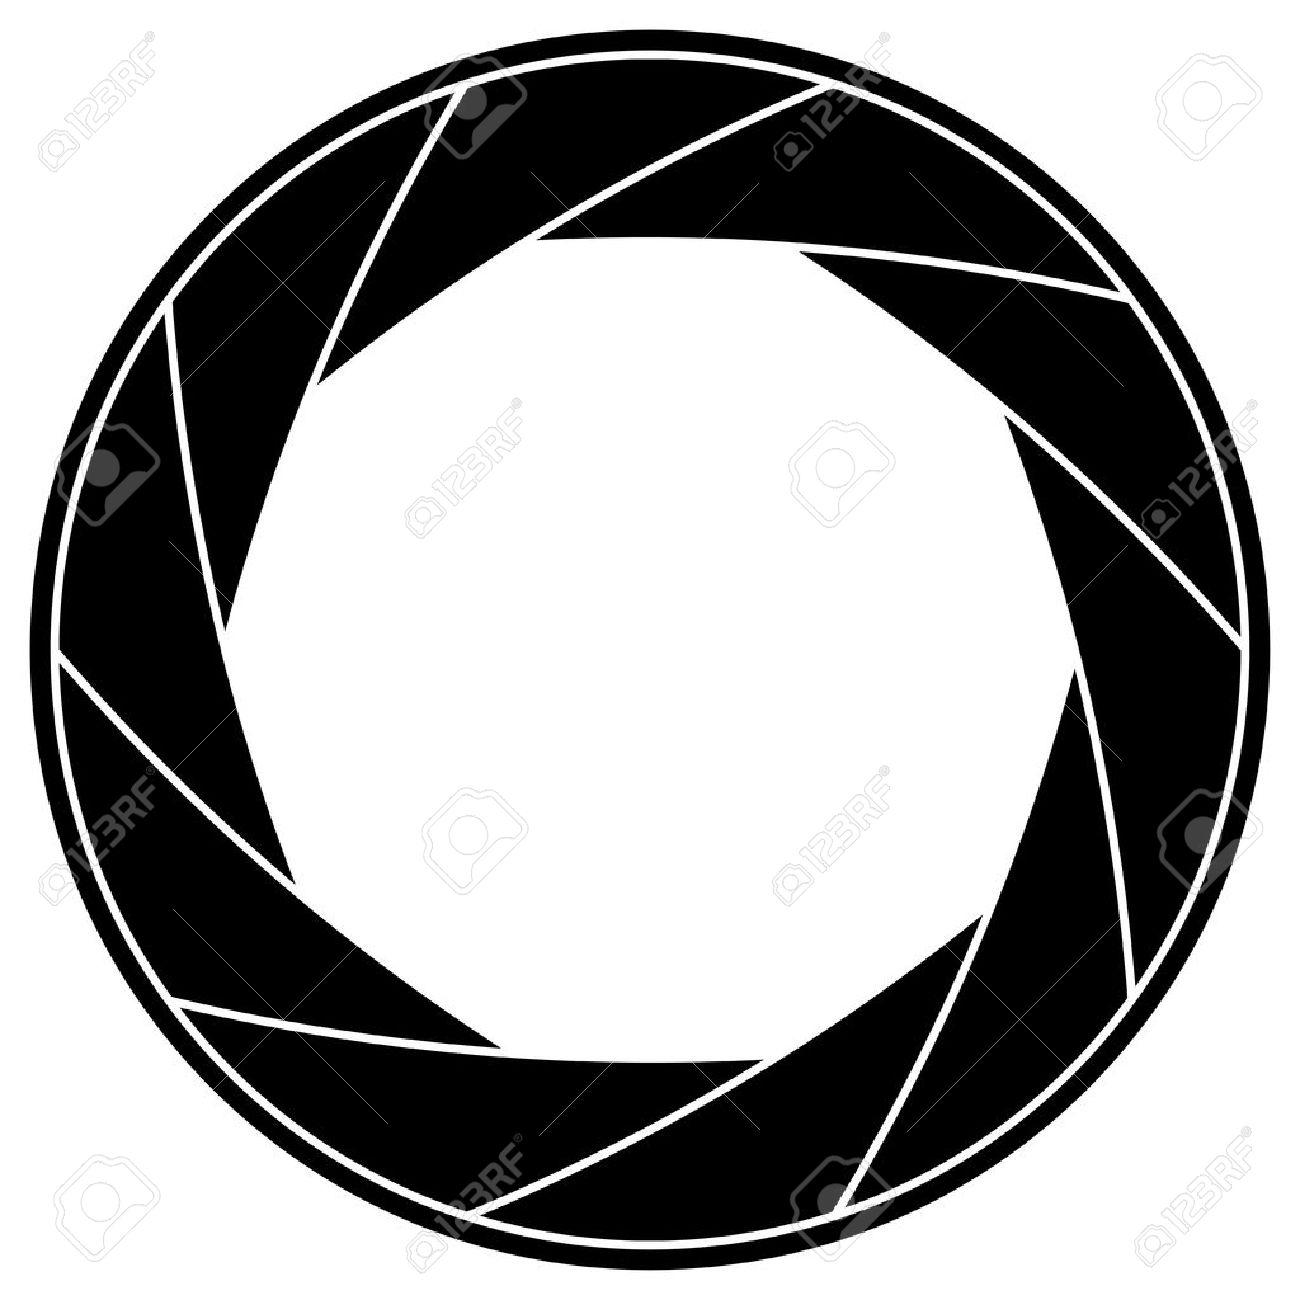 Black and white illustration of shutter frame Stock Vector - 15900977